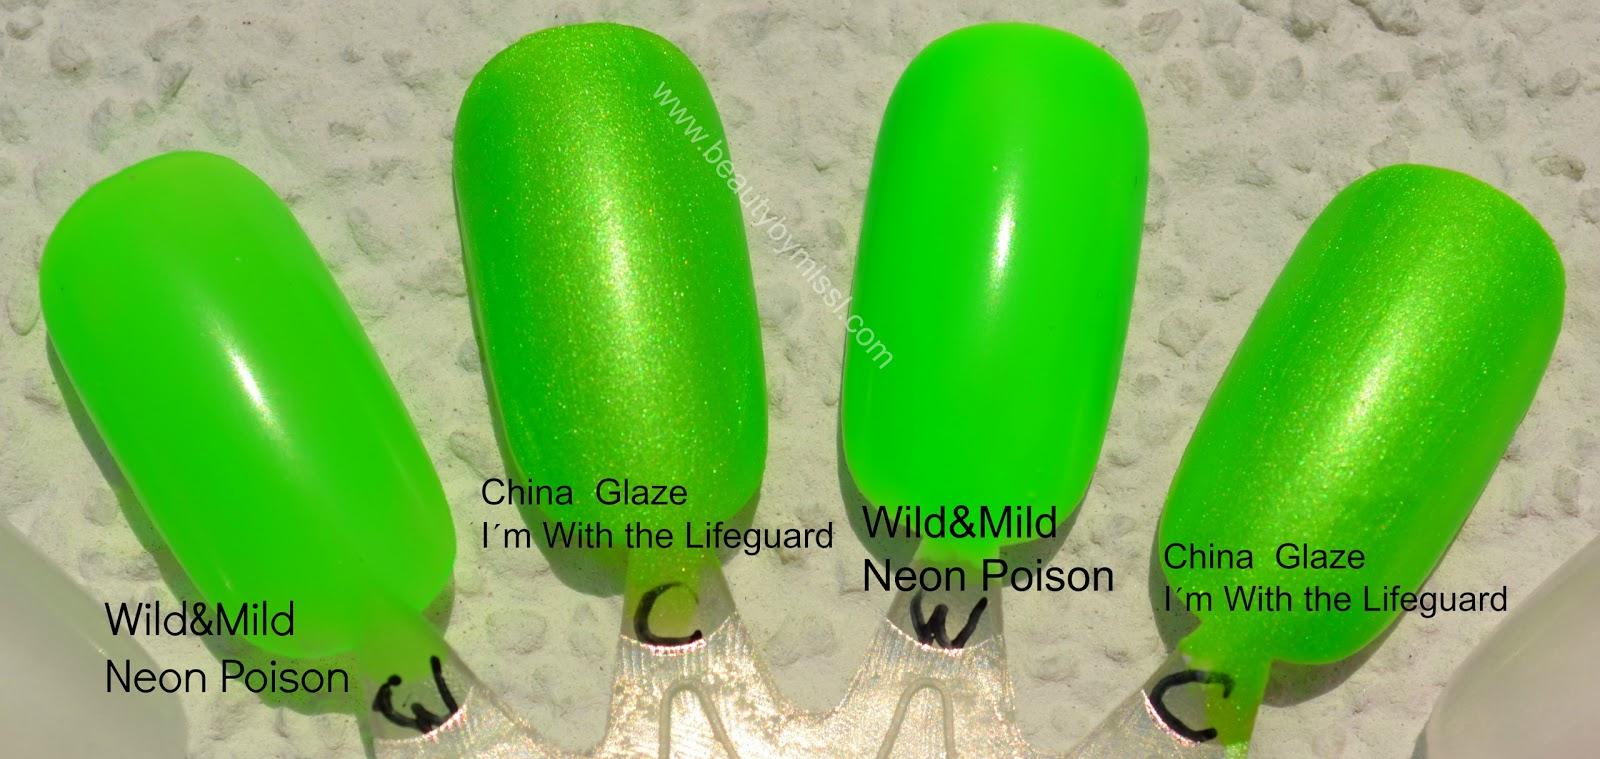 wild&mild neon  poison, China Glaze I´m with the Lifeguard